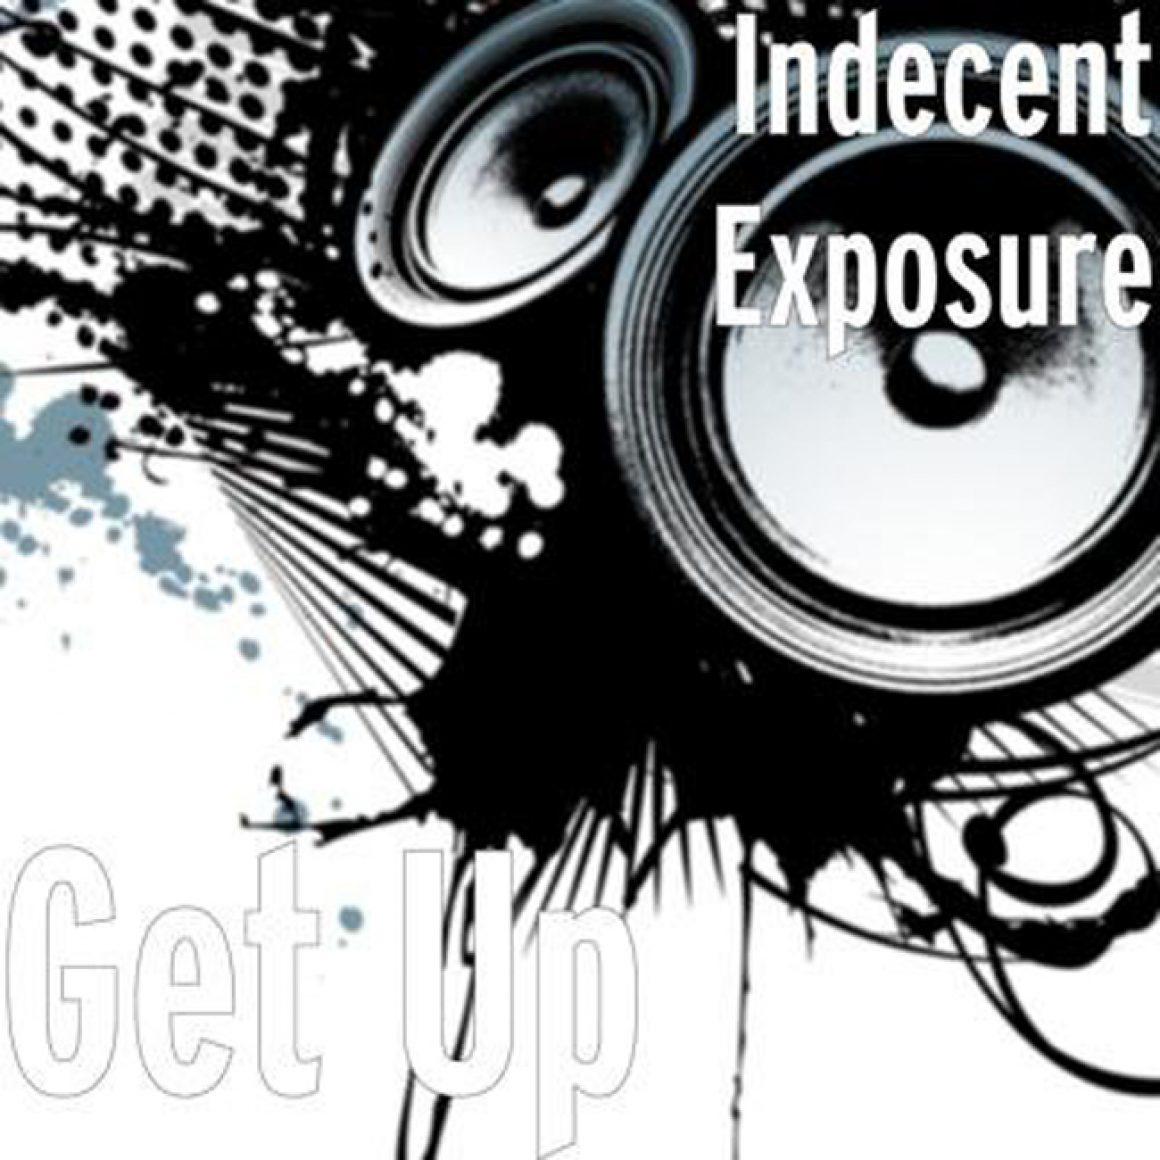 Indecent Exposure - Indecent Photo